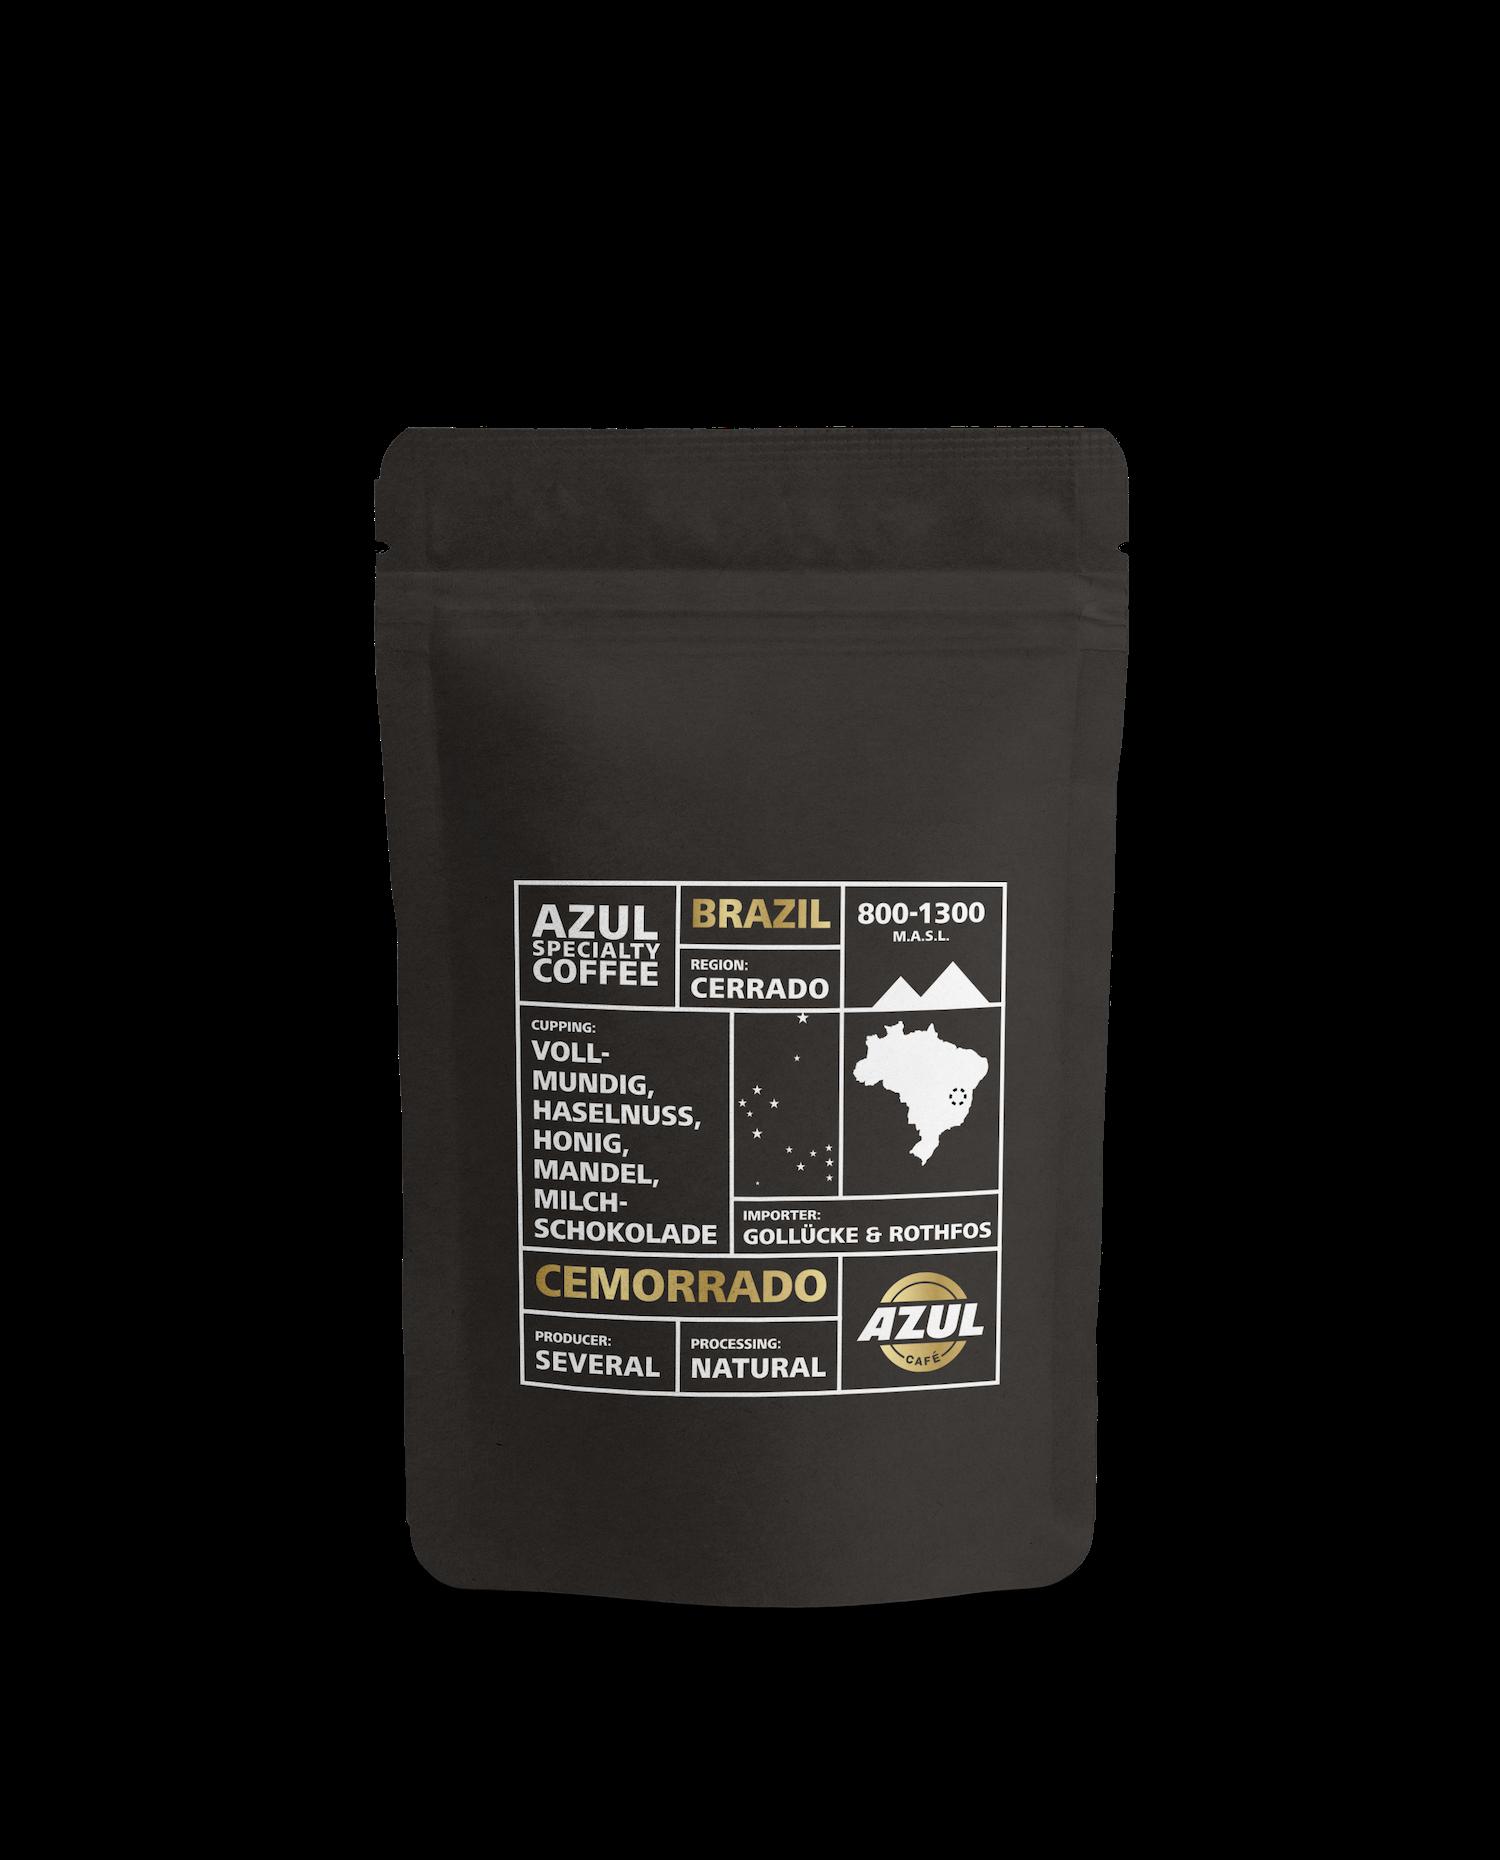 Azul Kaffee – Specialty Coffee Brazil Cemorrado